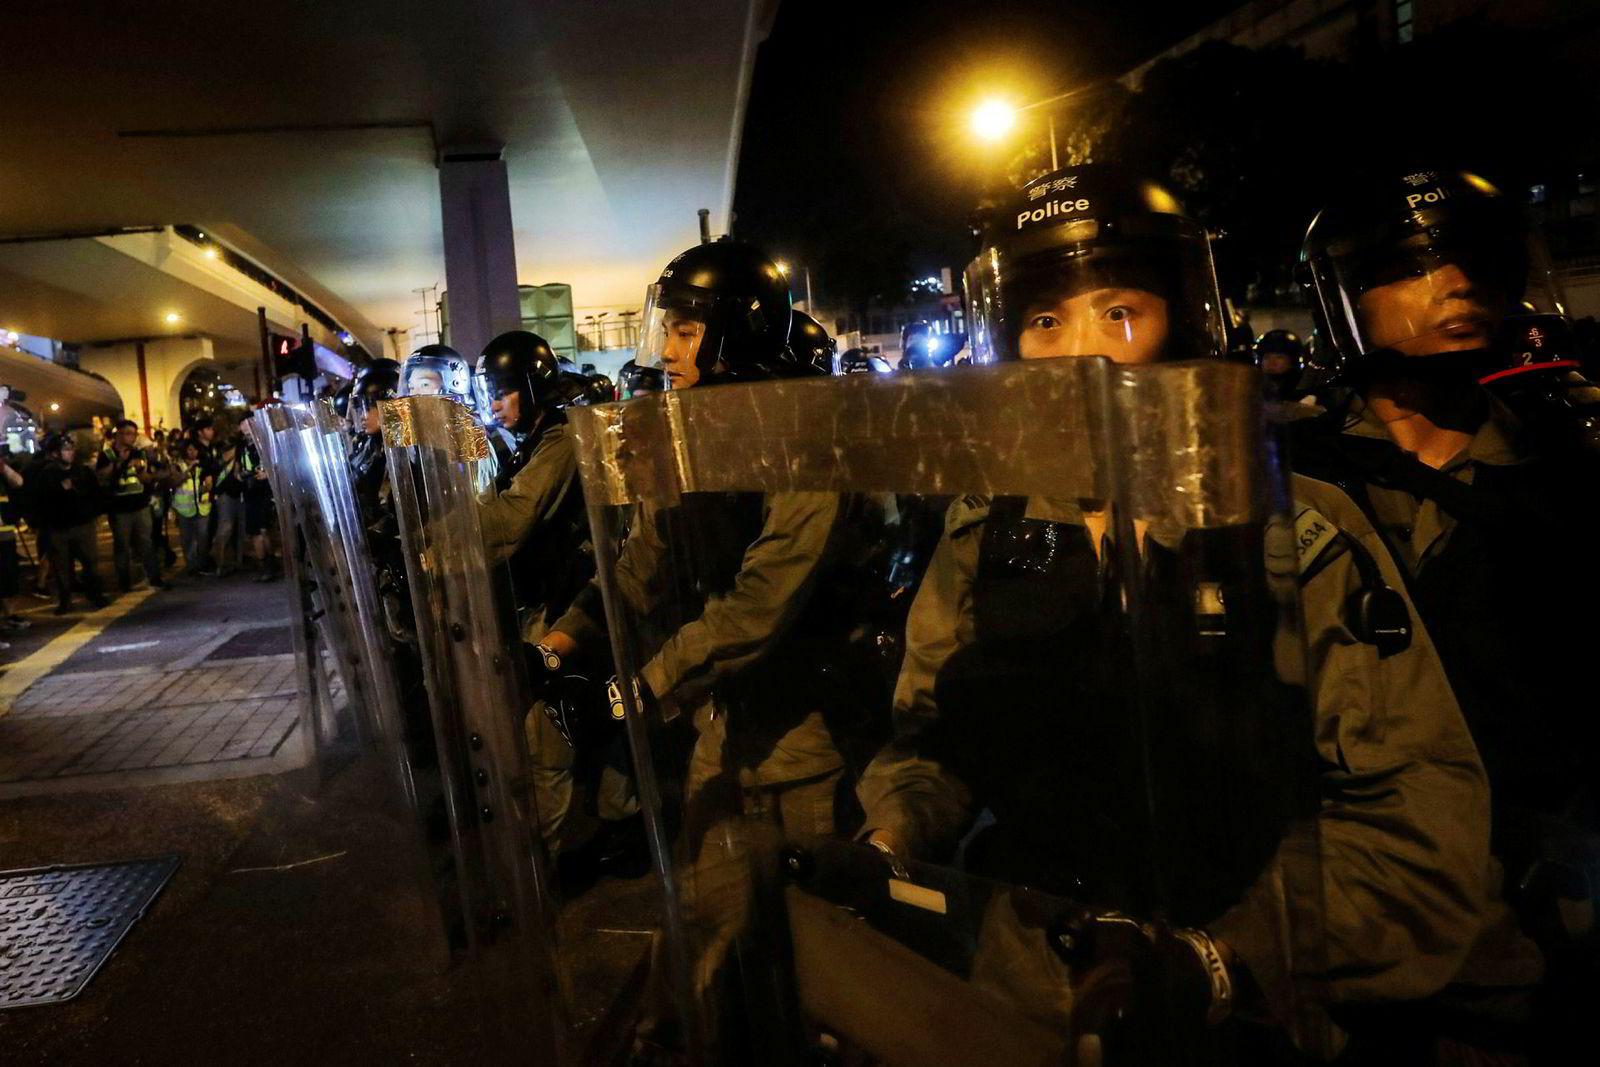 Opprørs politi er stilt opp for å hindre demonstrantene.